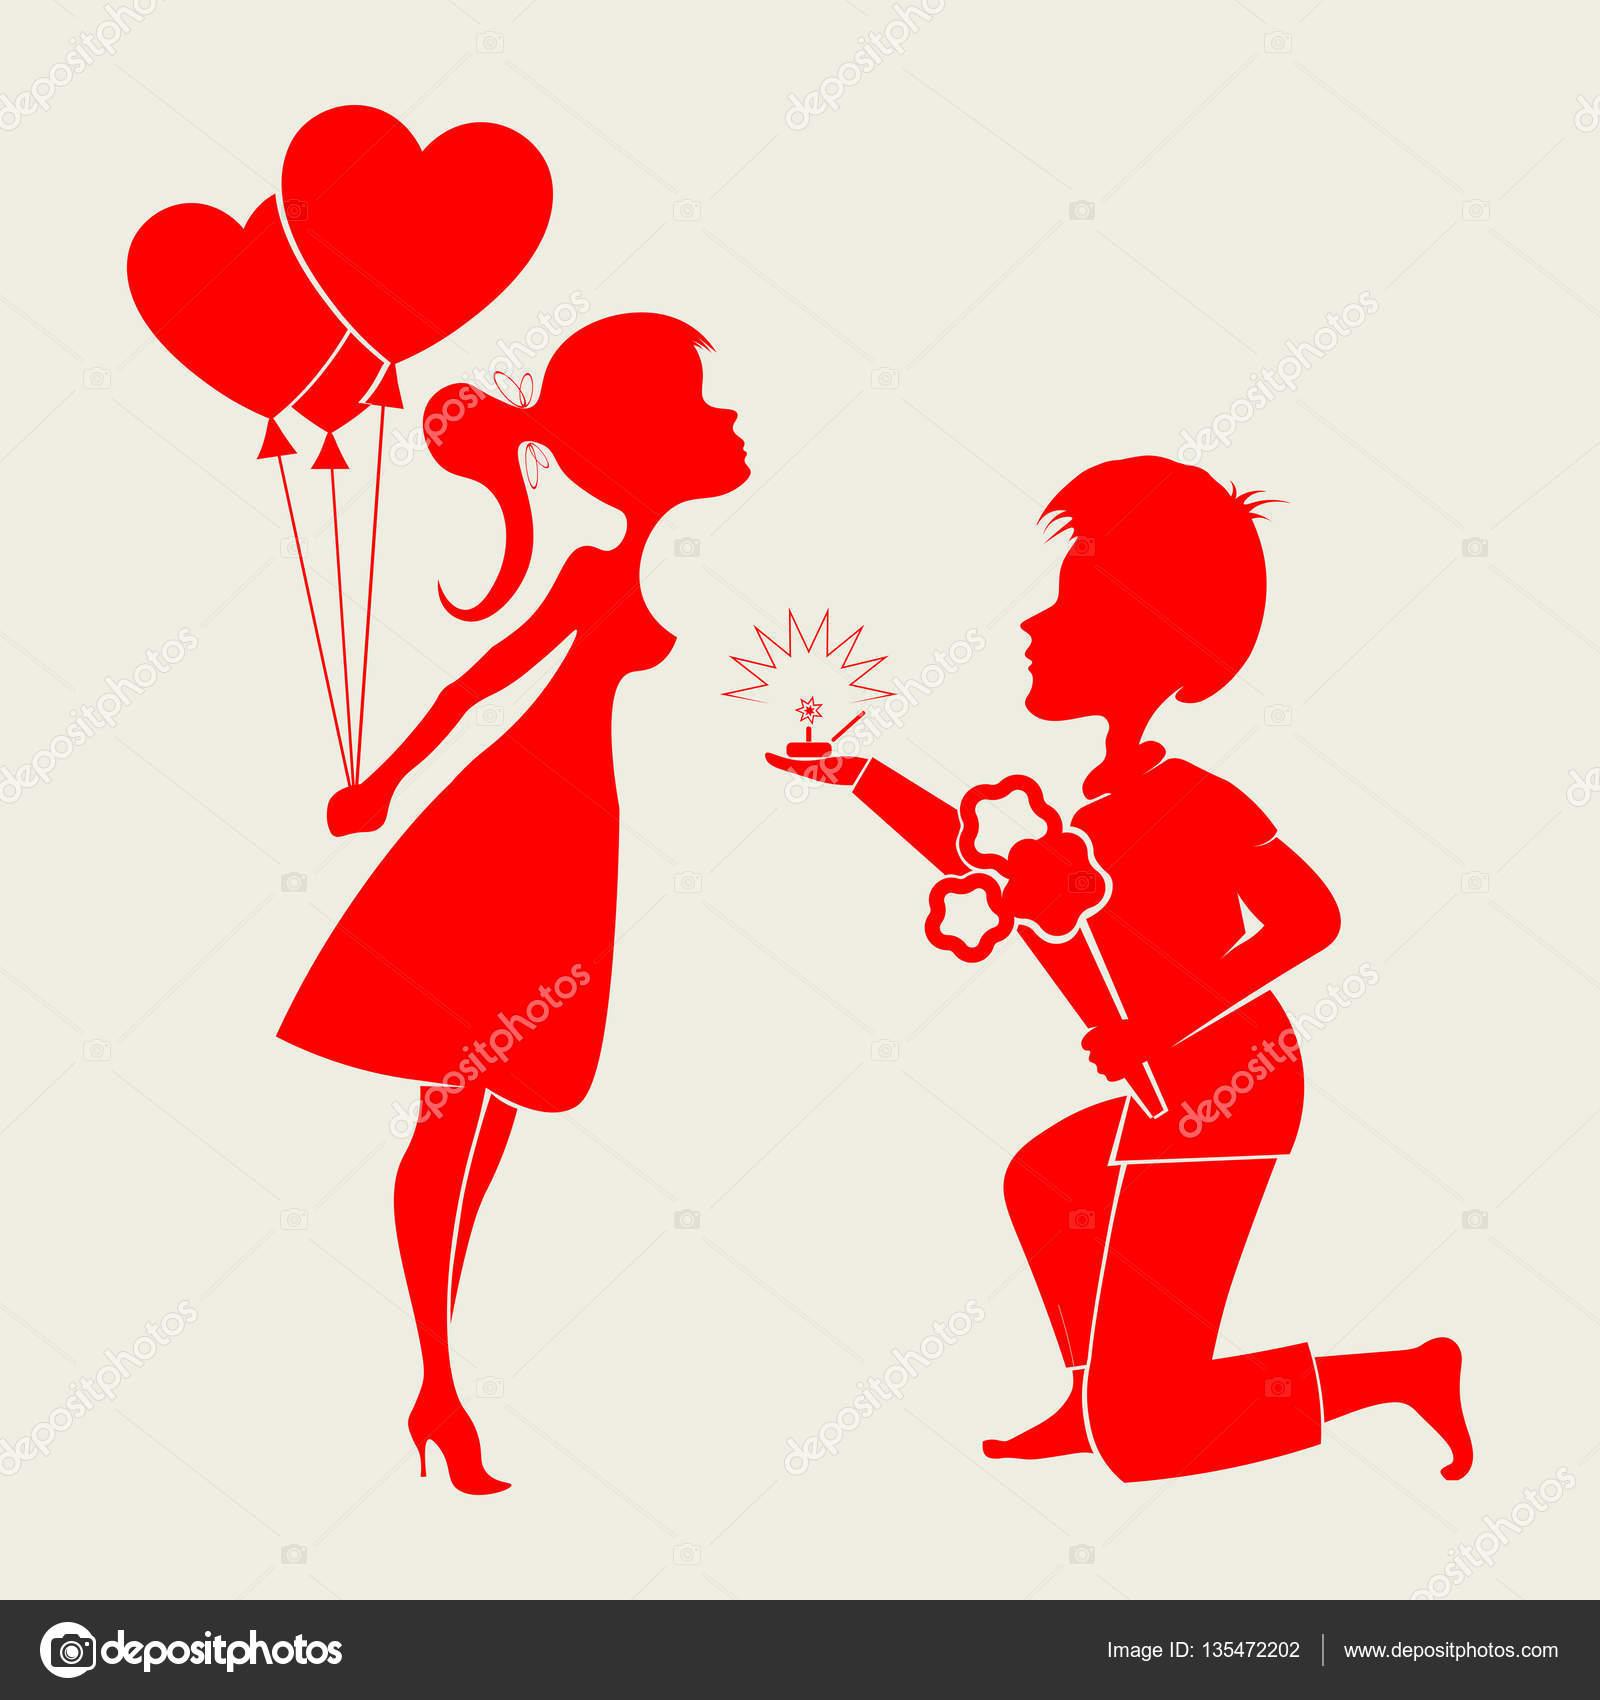 Красивые картинки пара влюбленных